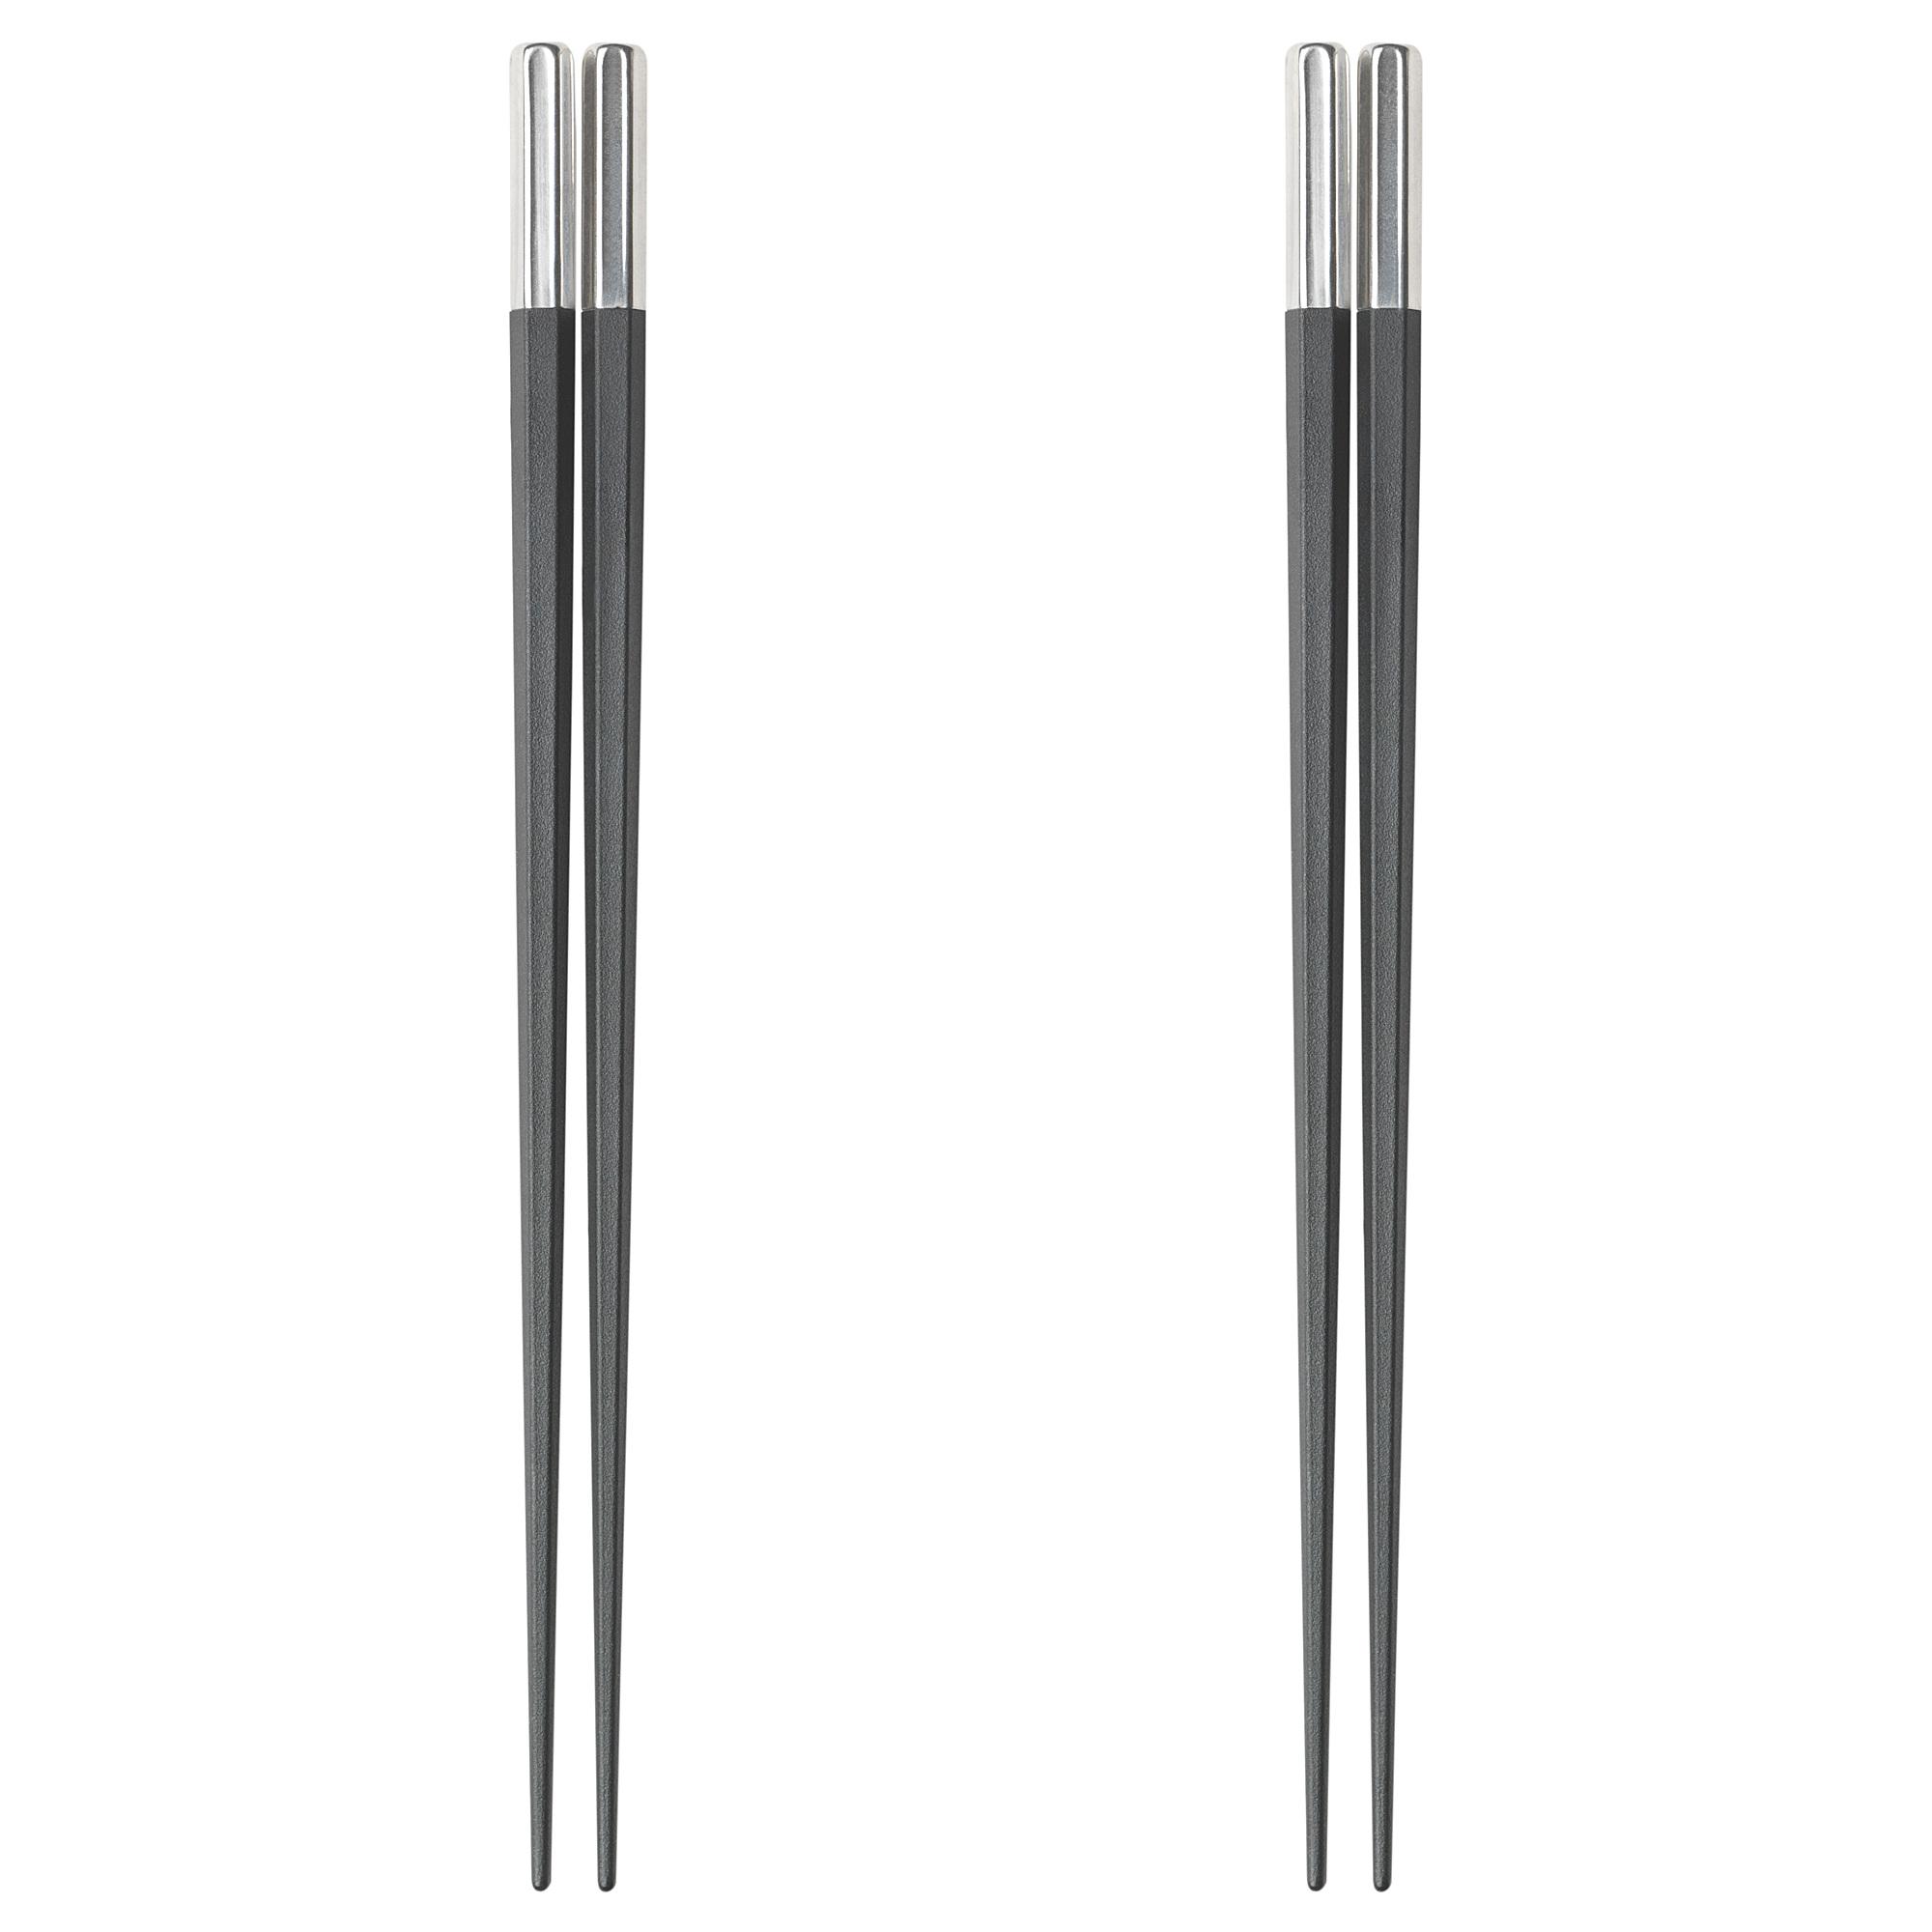 筷子 /2雙, , 黑色 / 塑膠 / 不鏽鋼